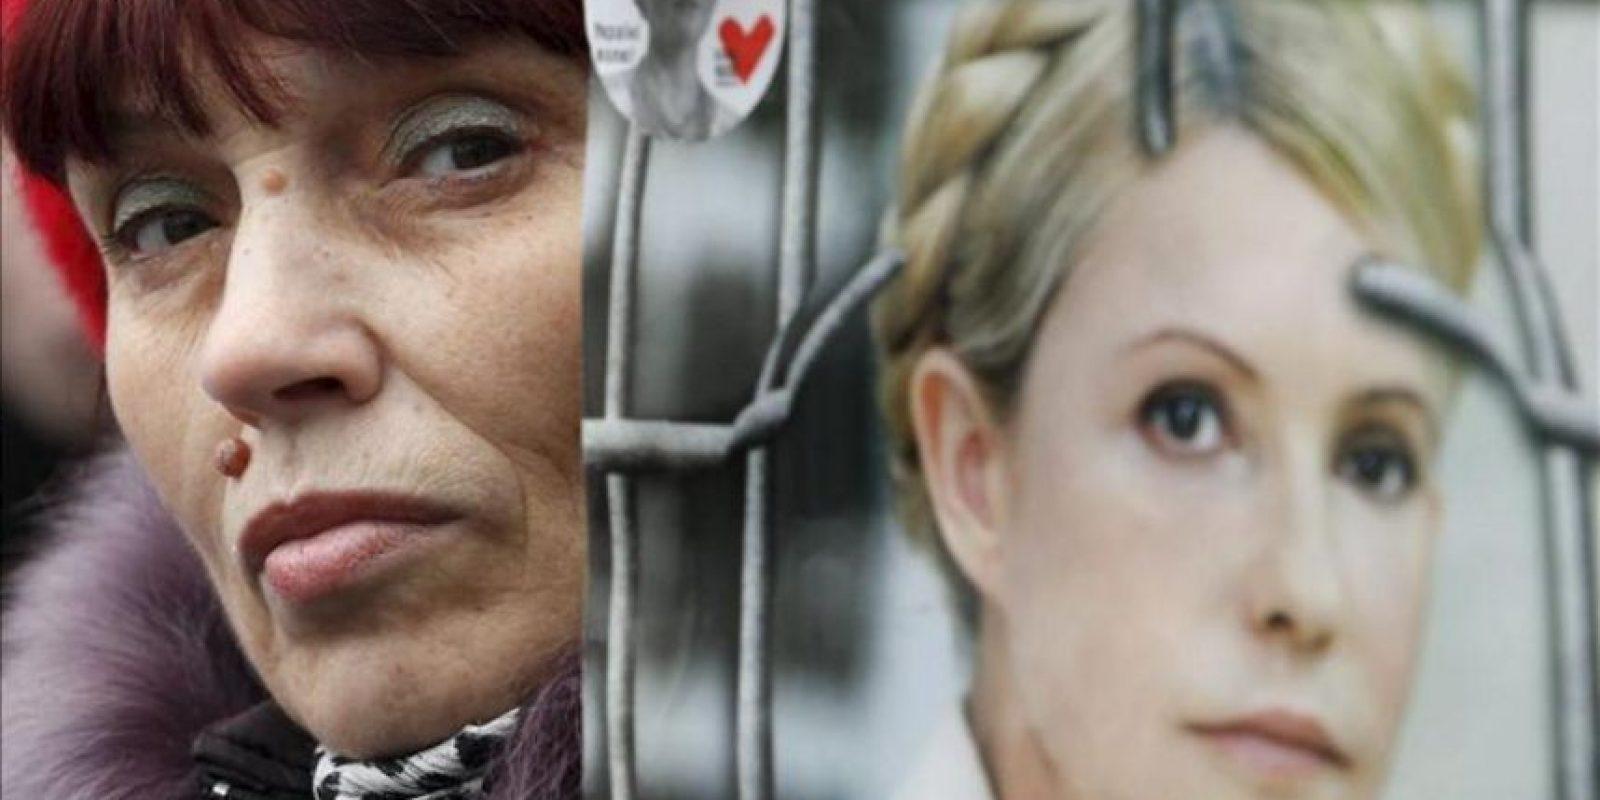 Una seguidora de la ex primera ministra y actual líder opositora encarcelada, Yulia Timoshenko, se manifiesta para pedir su libertad, hoy miércoles 28 de marzo de 2012 en Kiev, Ucrania.EFE